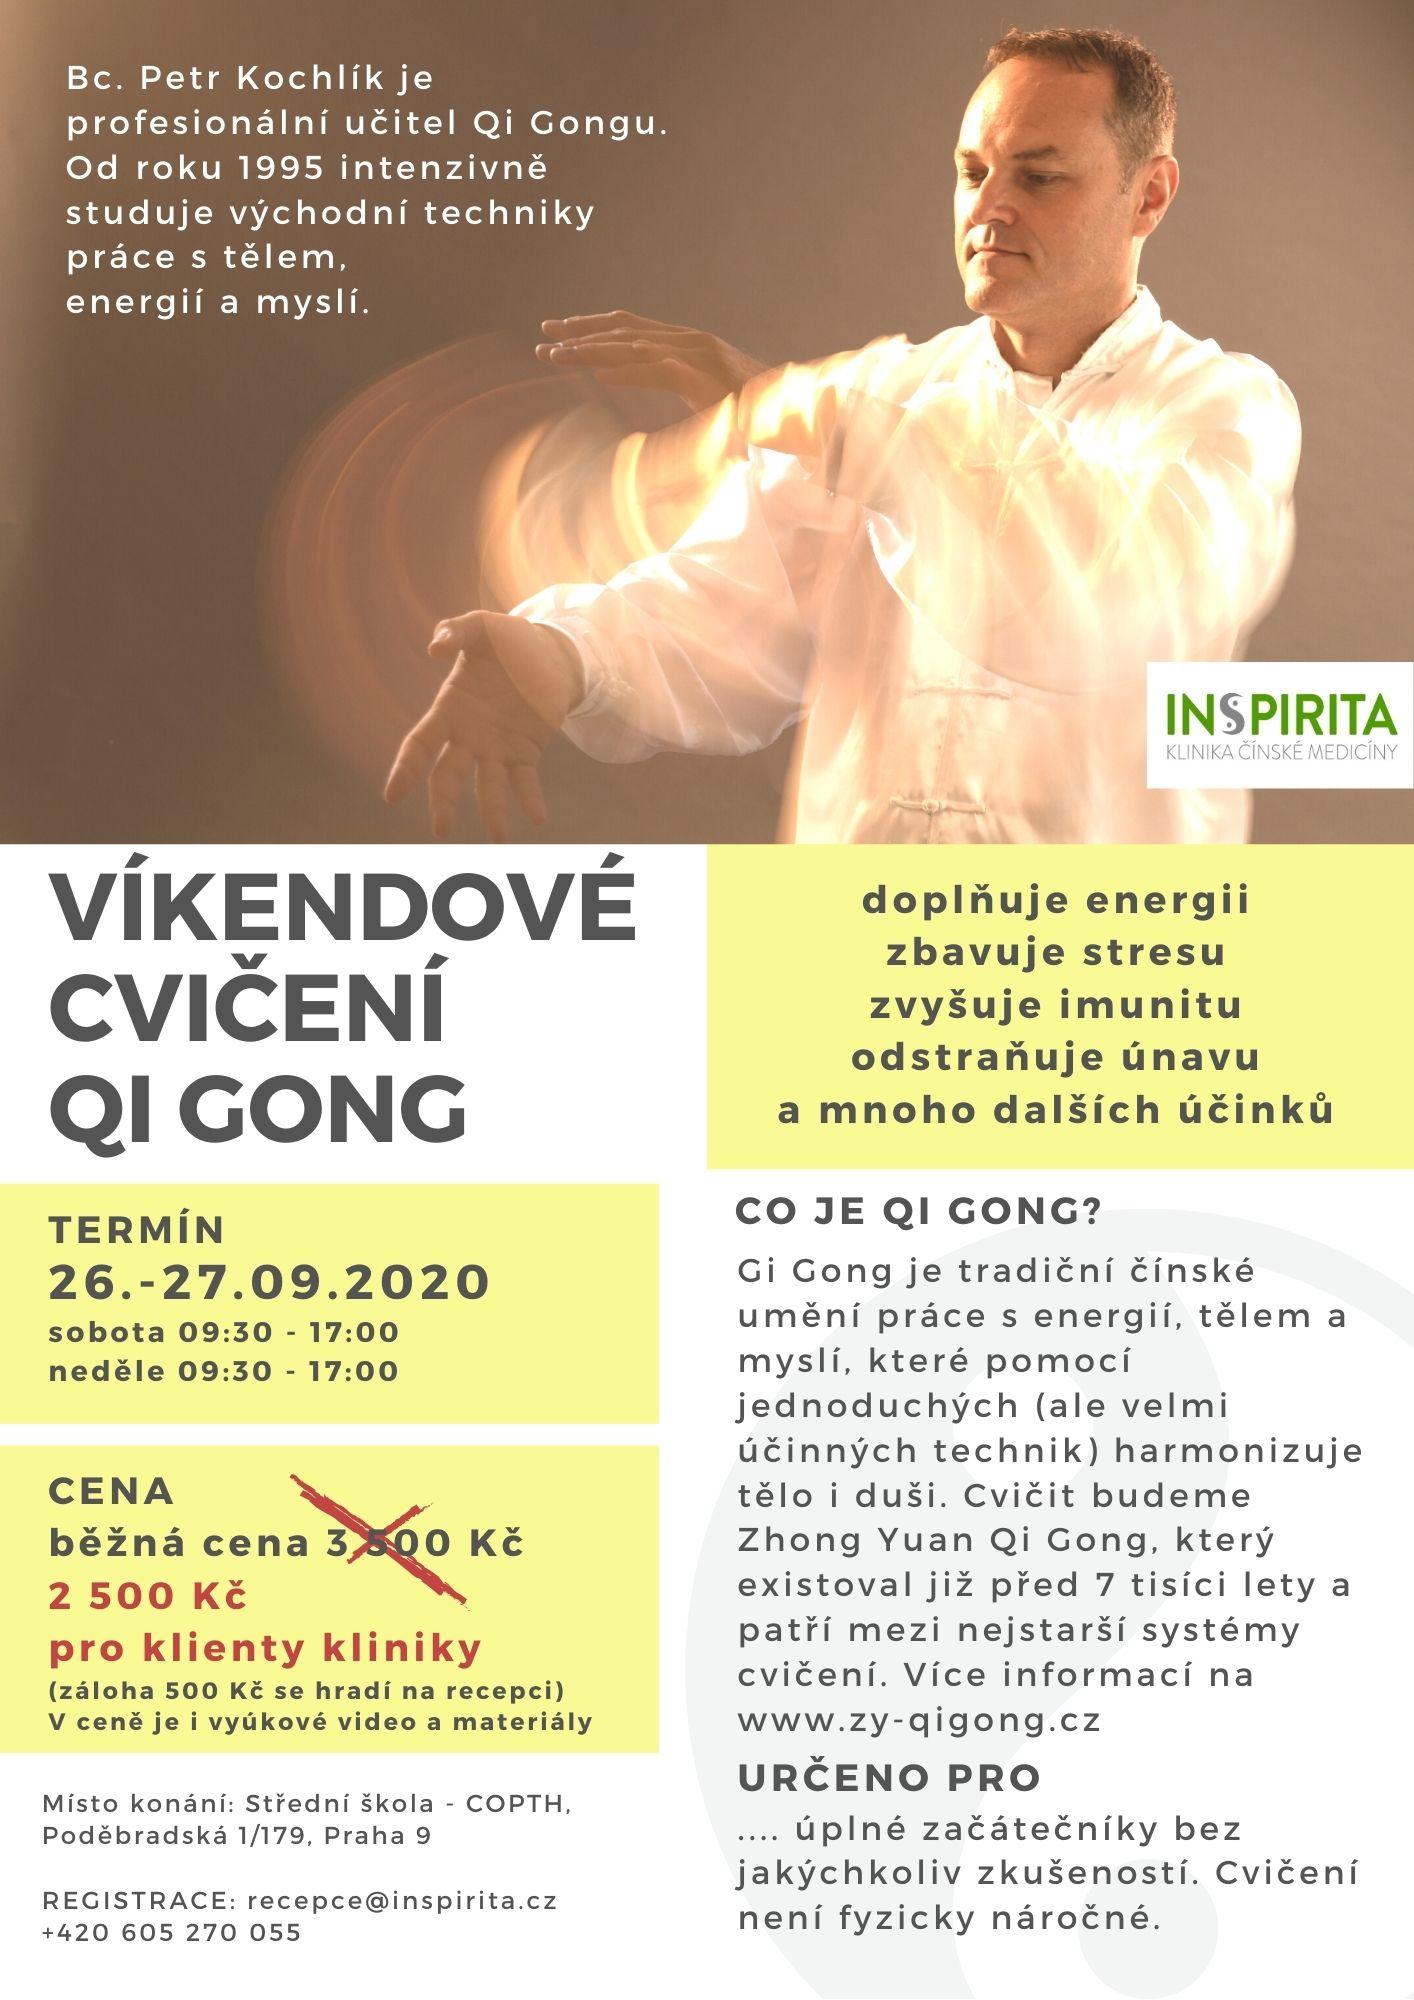 Qi Gong Petr Kochlík